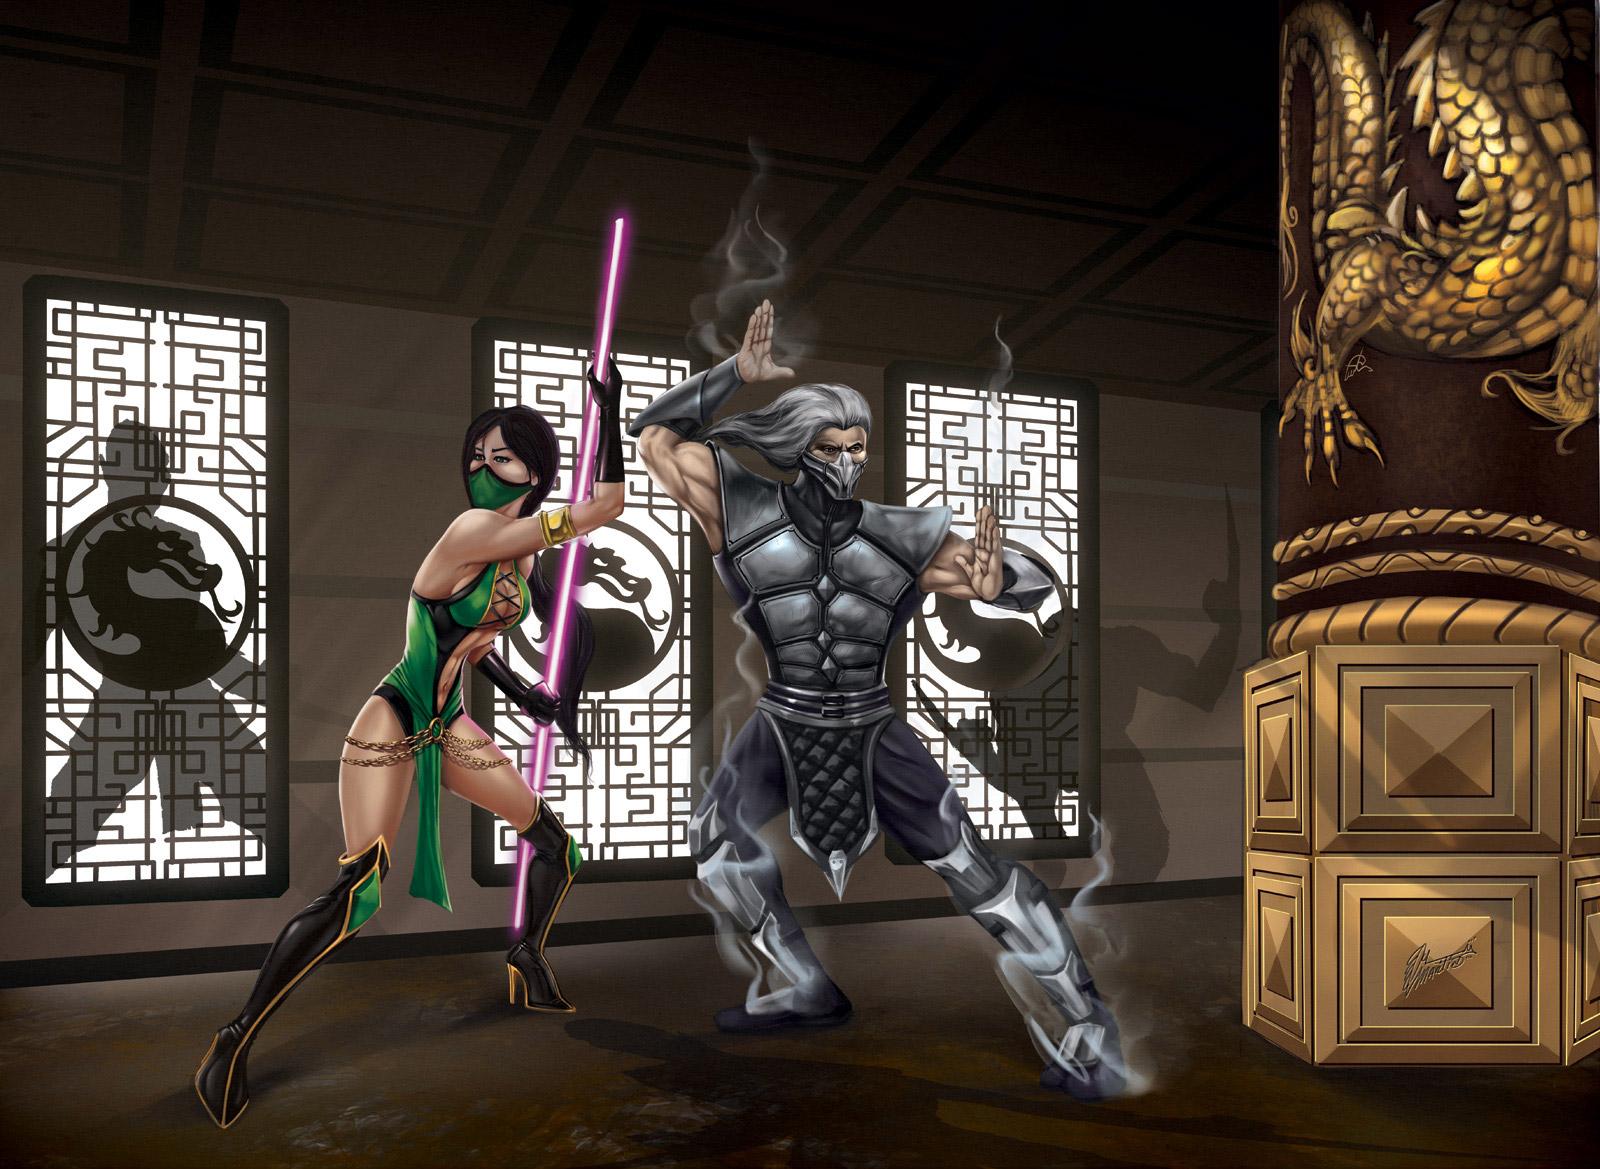 Mortal kombat sex porn jade opinion you